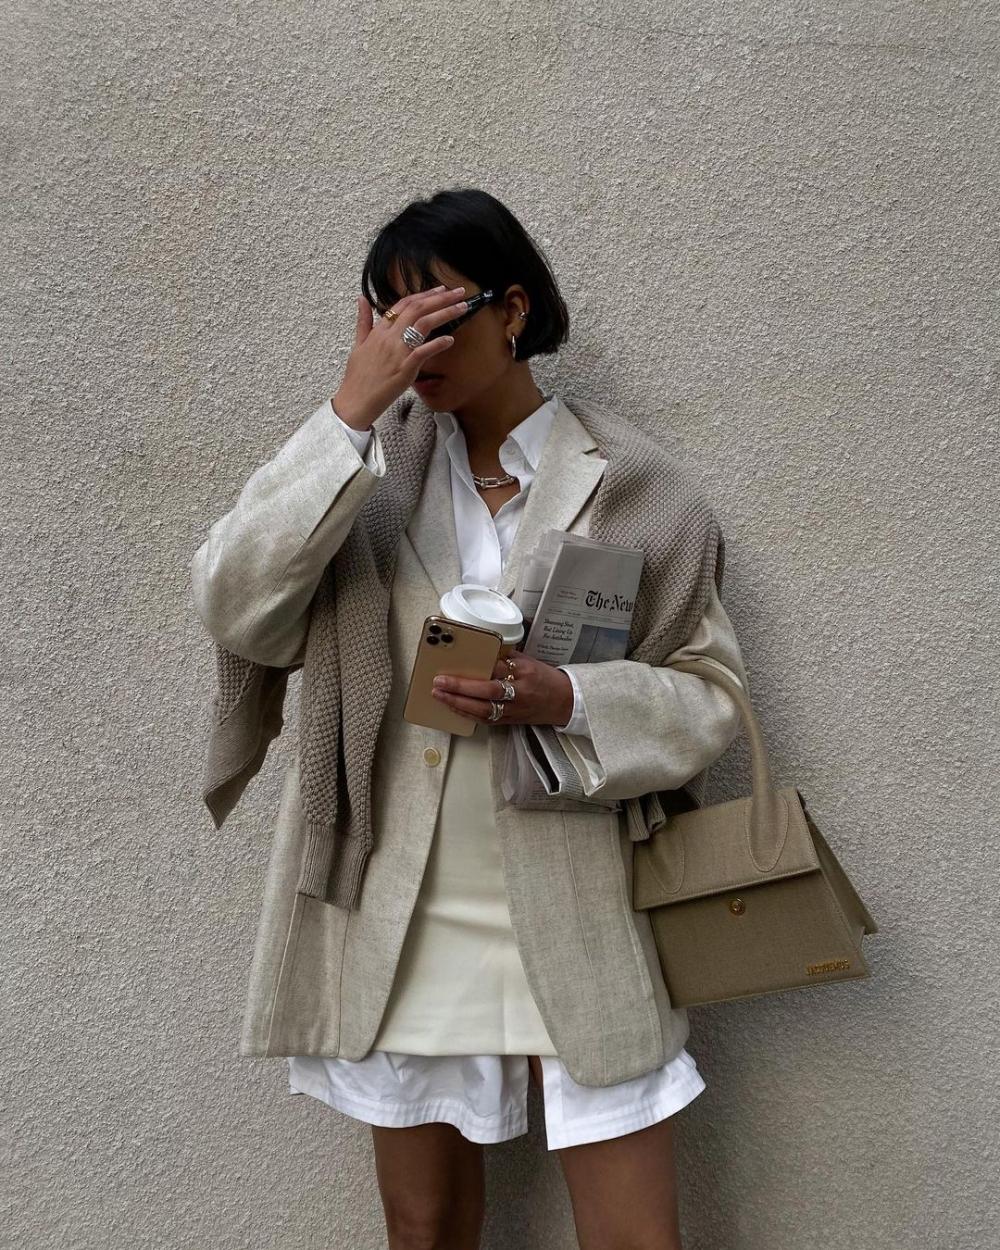 多層次穿搭能帶人我們許多驚喜的時尚造型